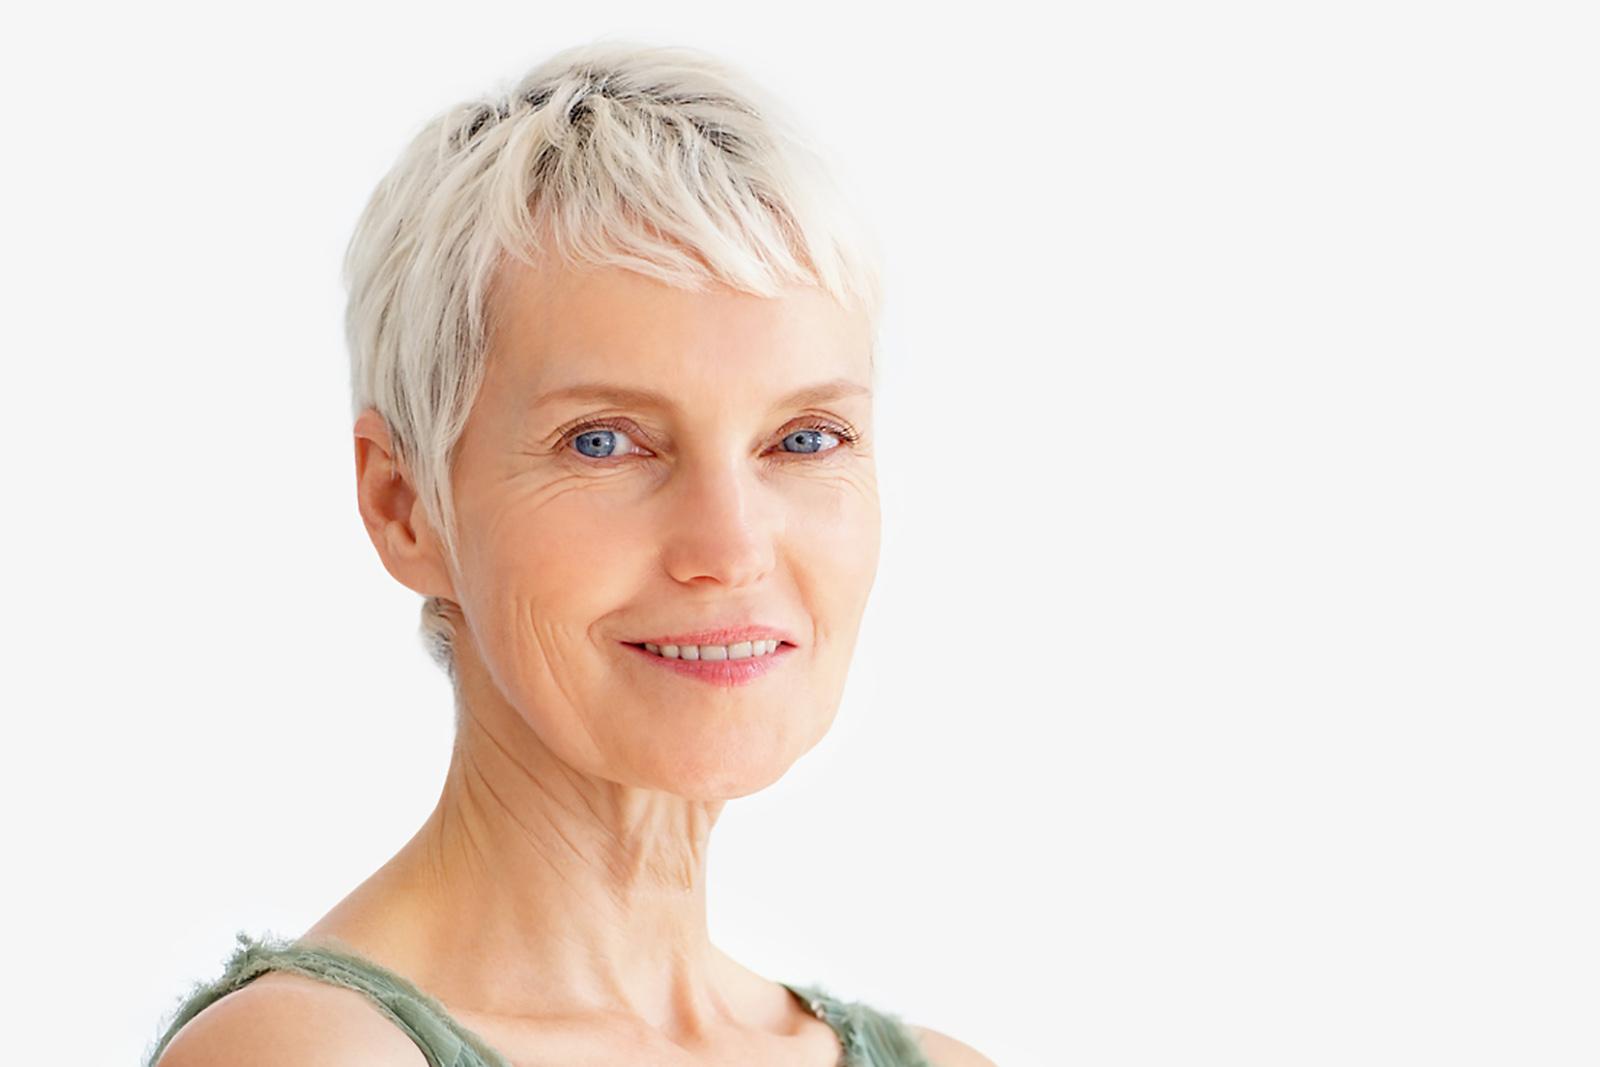 Gallery Of Short Hair Styles For Senior Women Lovetoknow